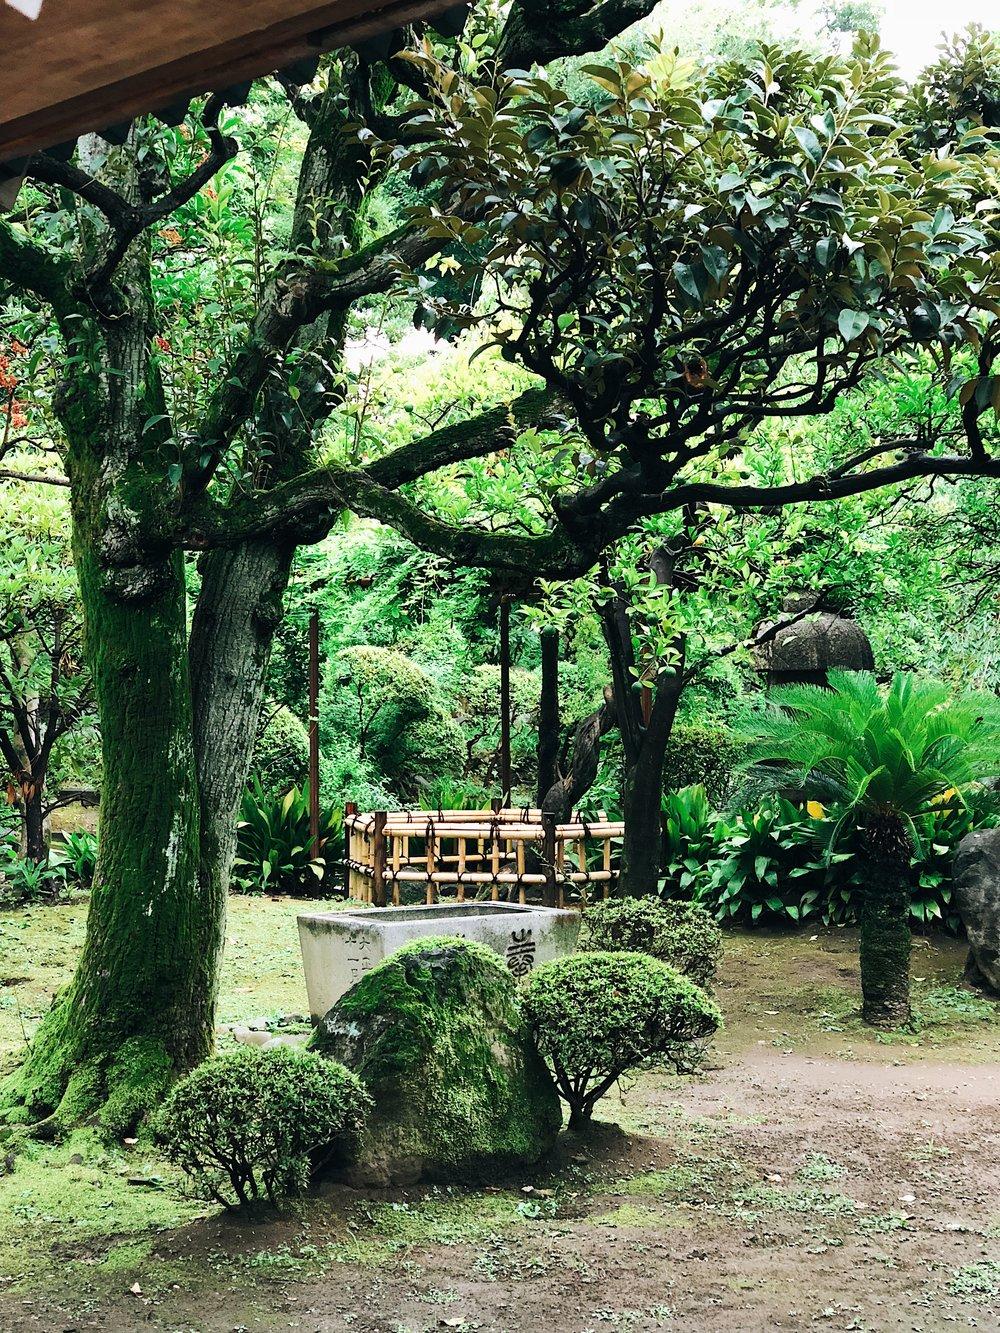 A Park in Asakusa, Tokyo